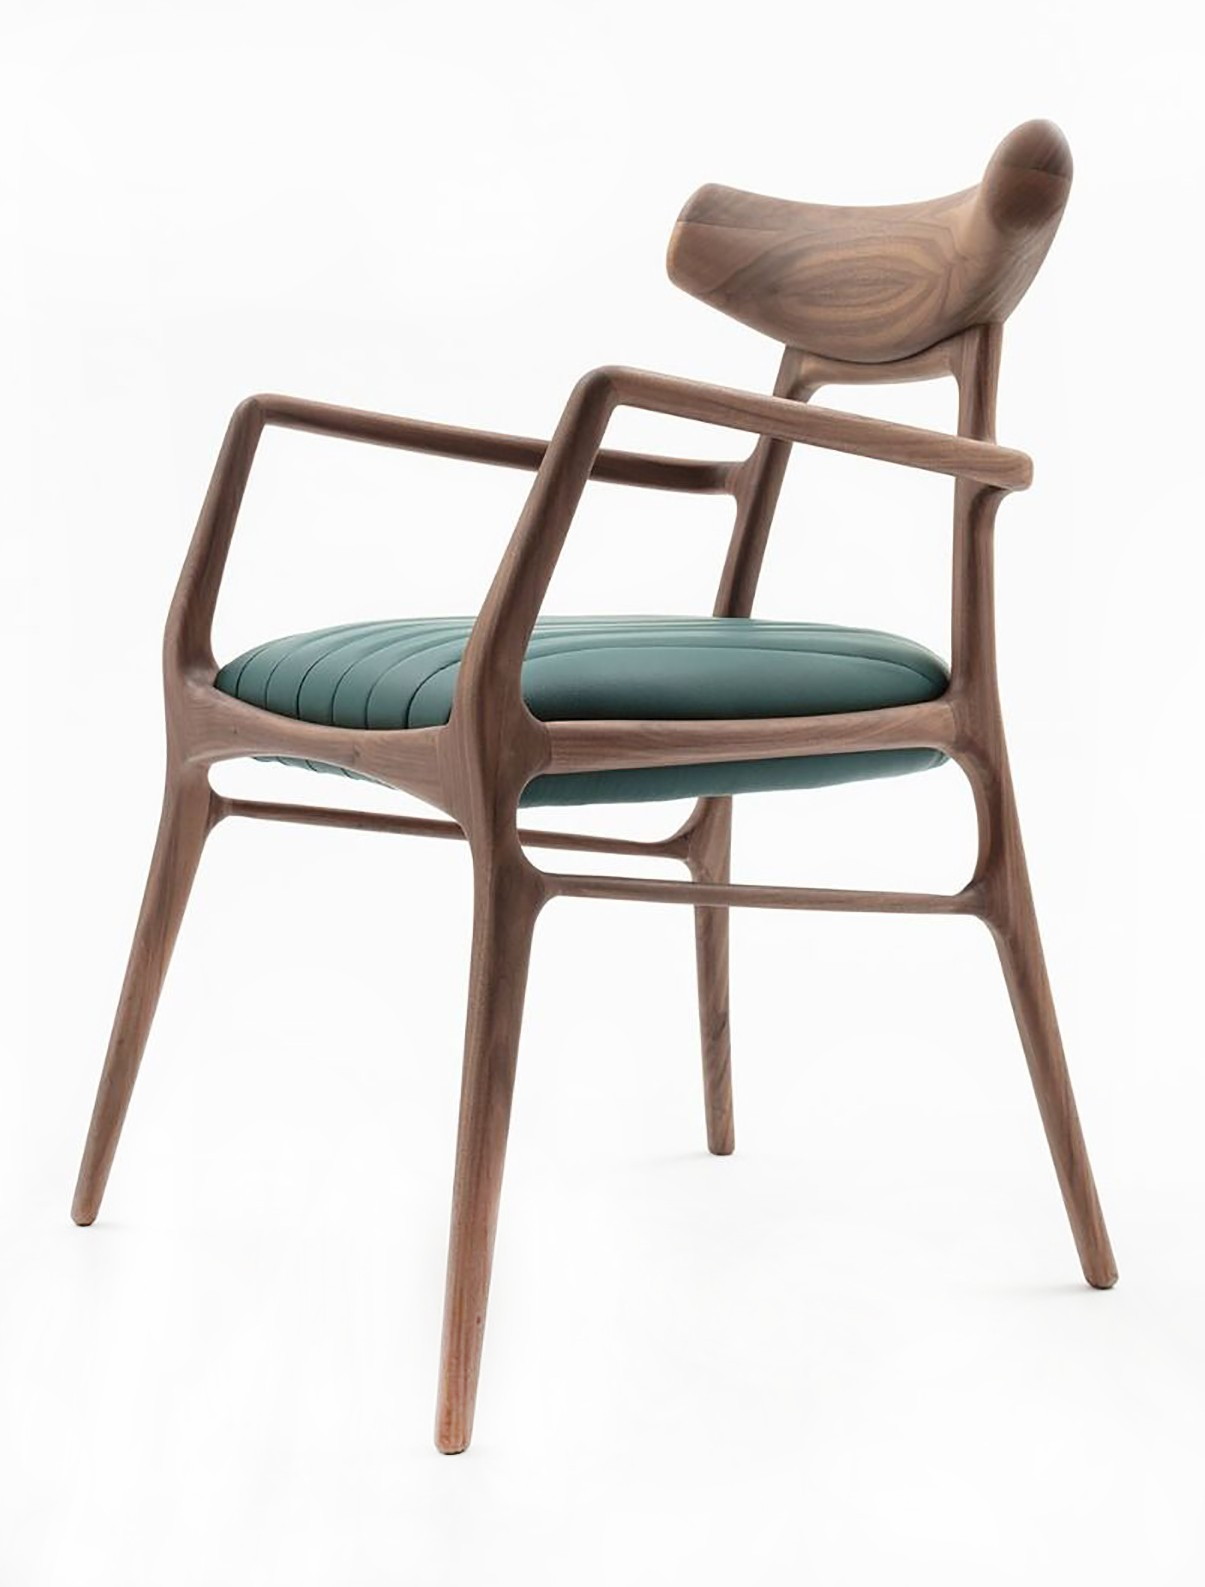 Cadeira Gilda • estudiobola